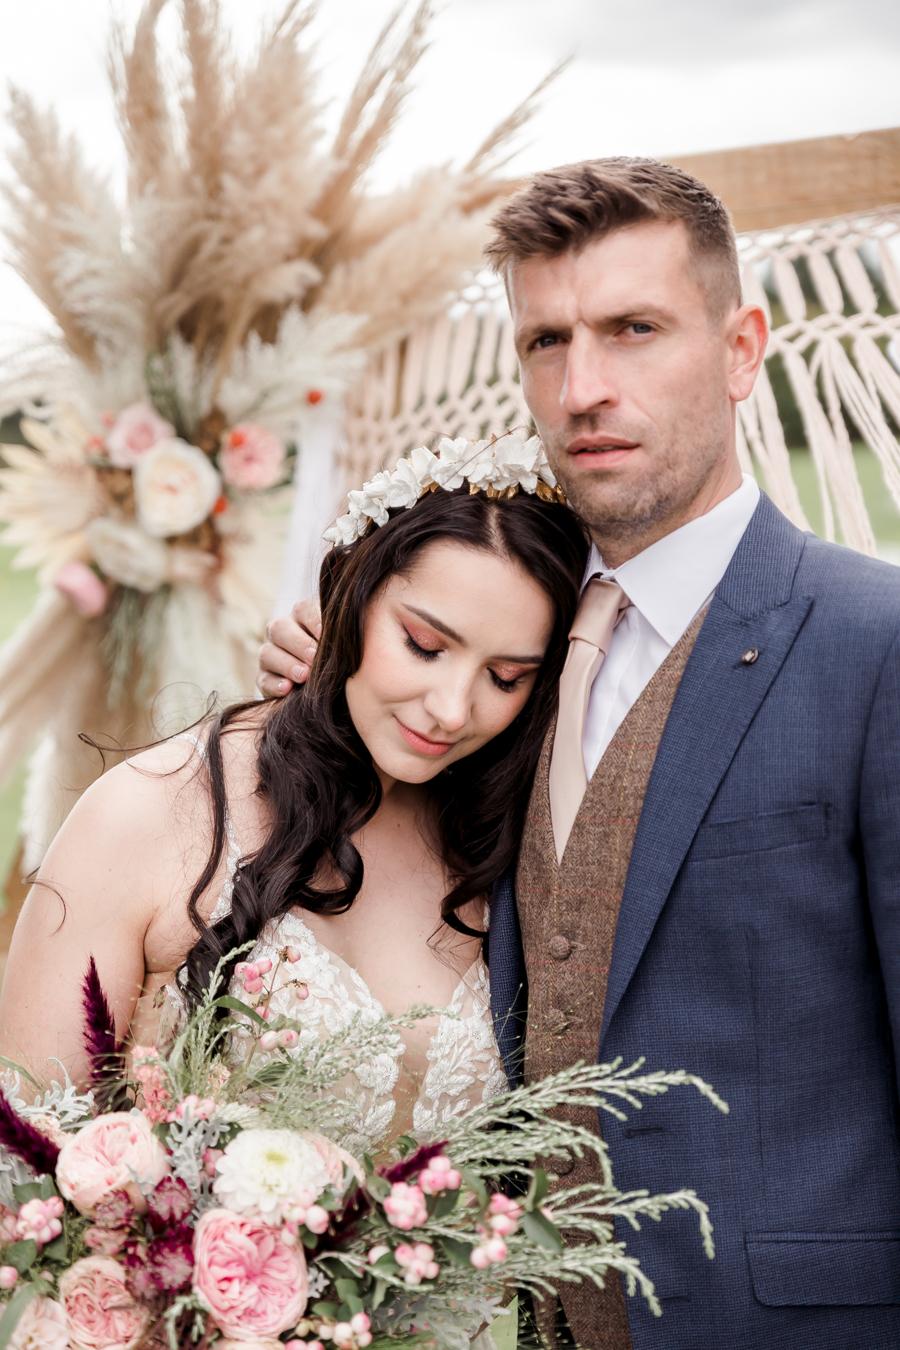 Hertfordshire Boho Themed Styled Wedding Shoot, photographer credit Absolute Photo UK (29)